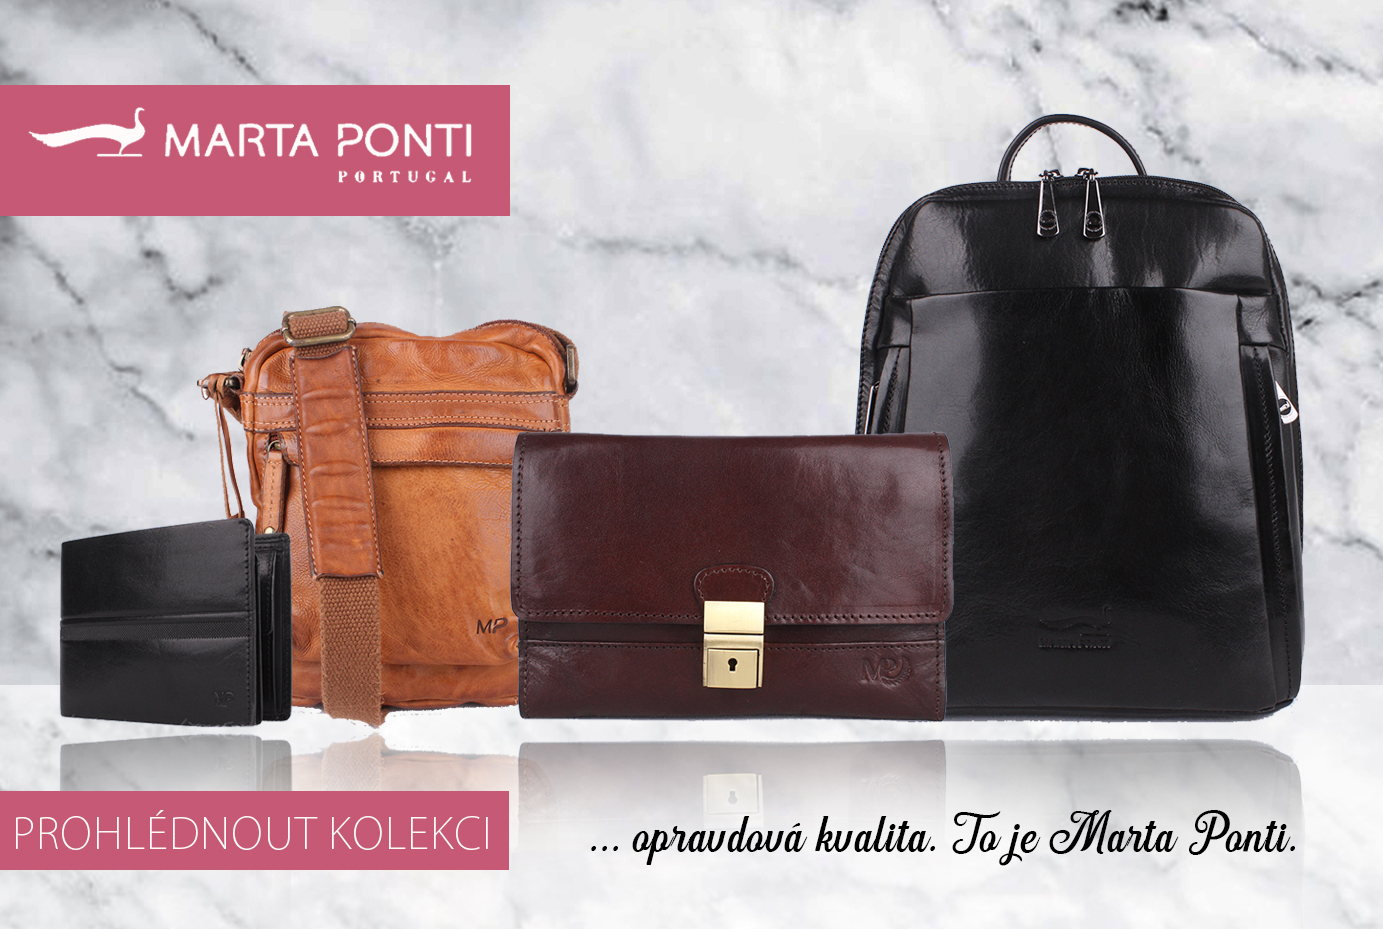 Luxusní kabelky, batohy, peněženky a pánské aktovky Marta Ponti